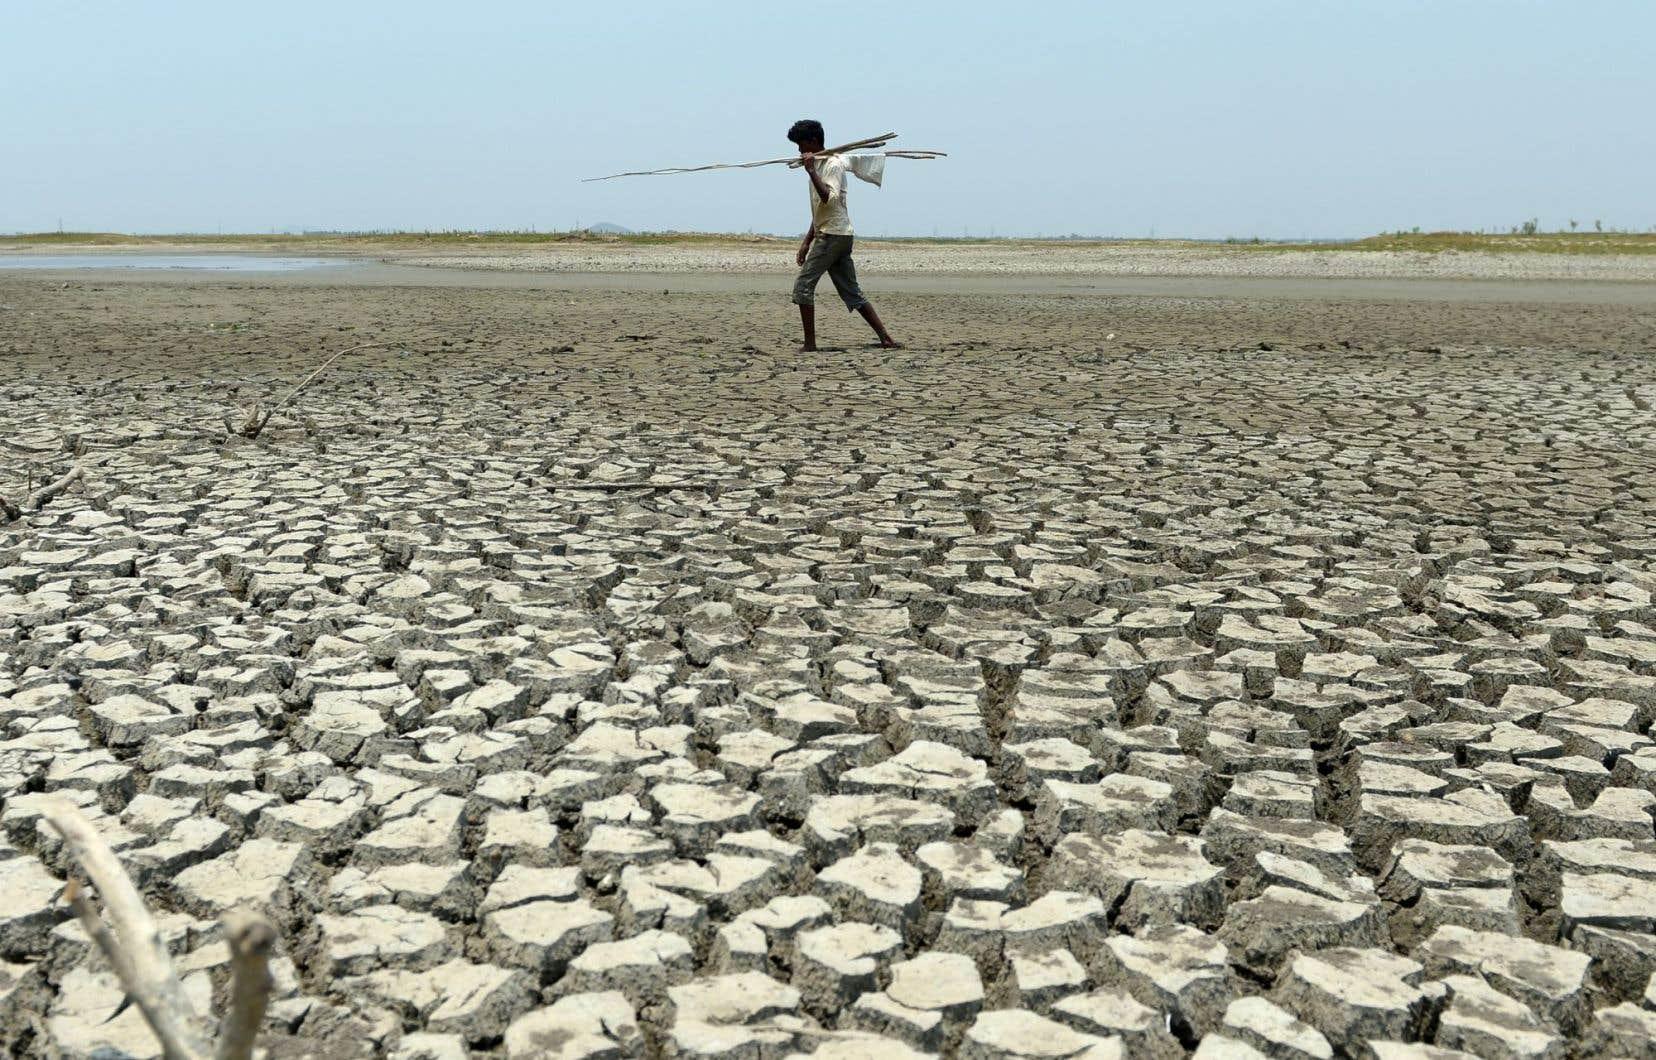 De nombreuses études en Asie du Sud ont établi un lien entre le changement climatique et la fréquence des canicules et leur impact sur la santé humaine.